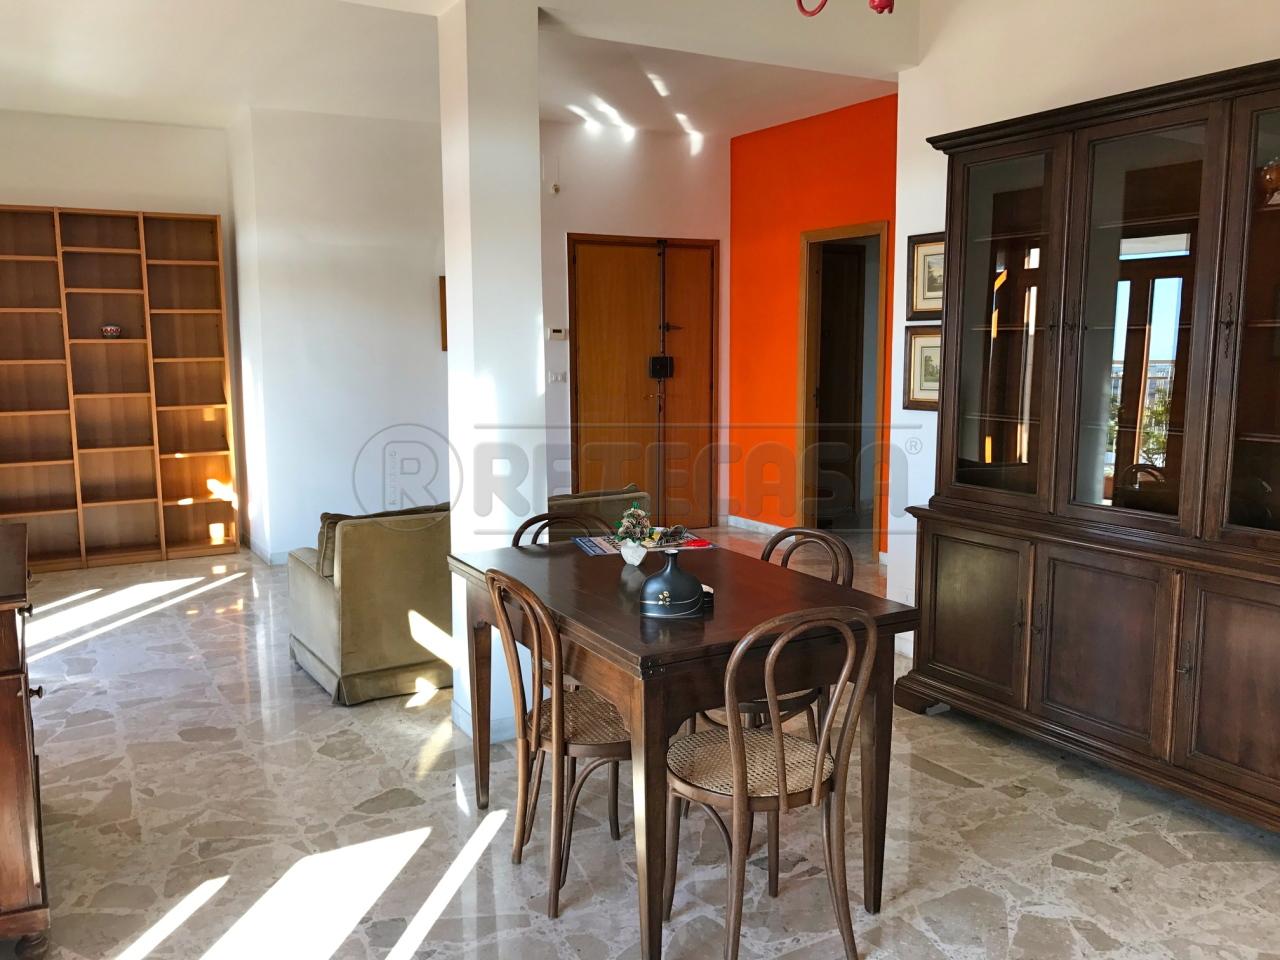 Appartamento in affitto a Lecce, 4 locali, prezzo € 500 | Cambio Casa.it